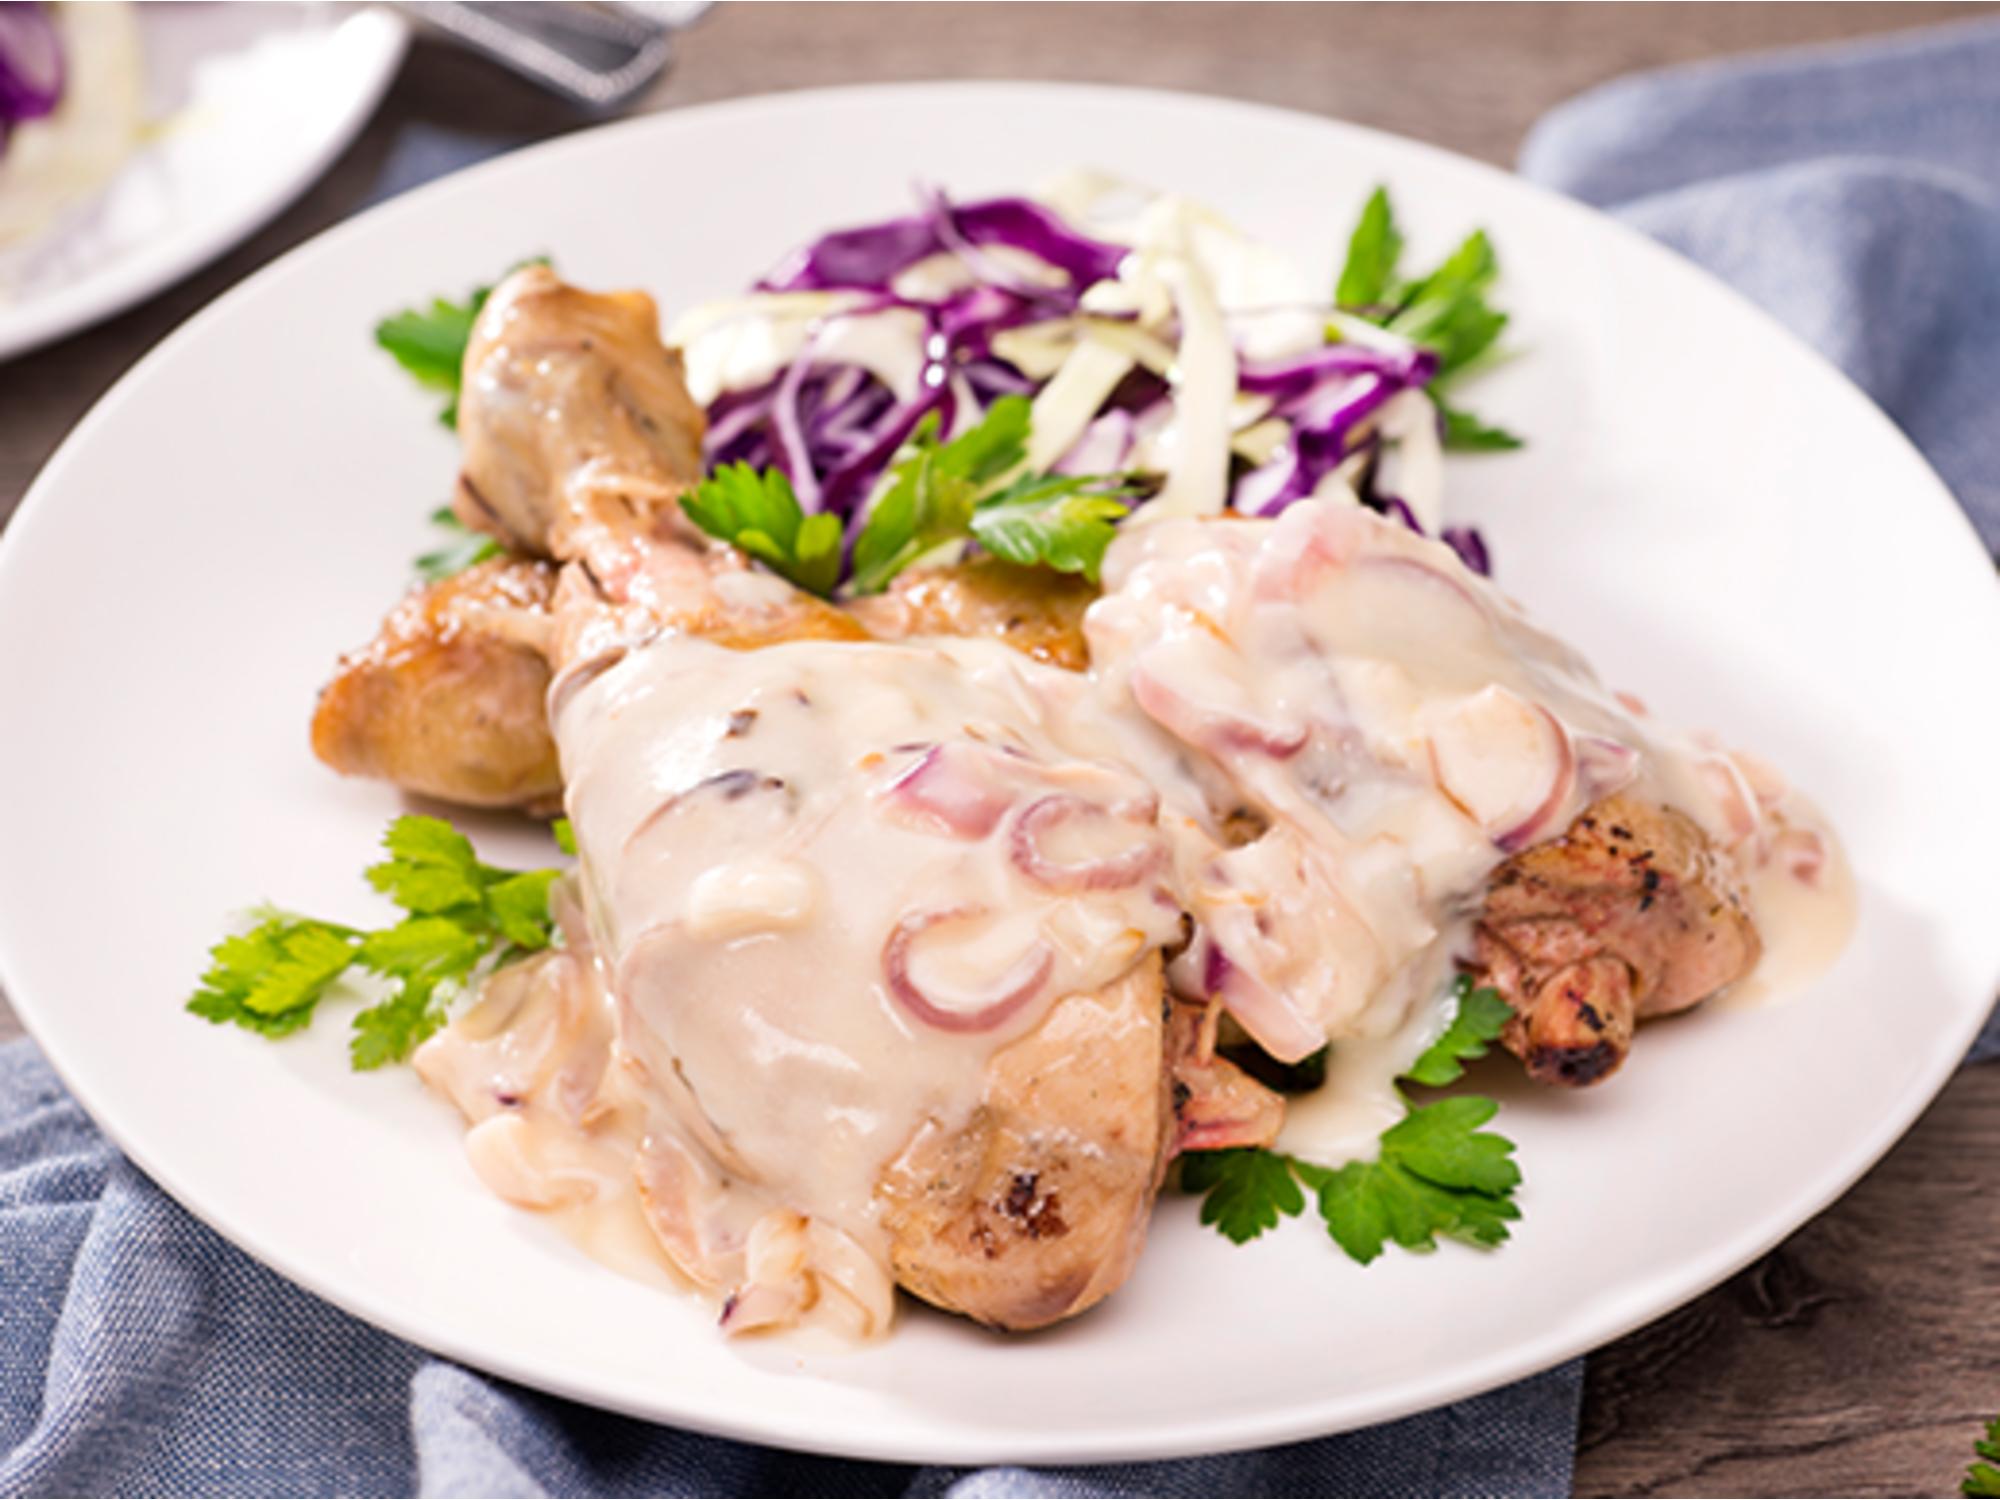 Muslitos de pollo con cebolla caramelizada y Mayonesa Fruco